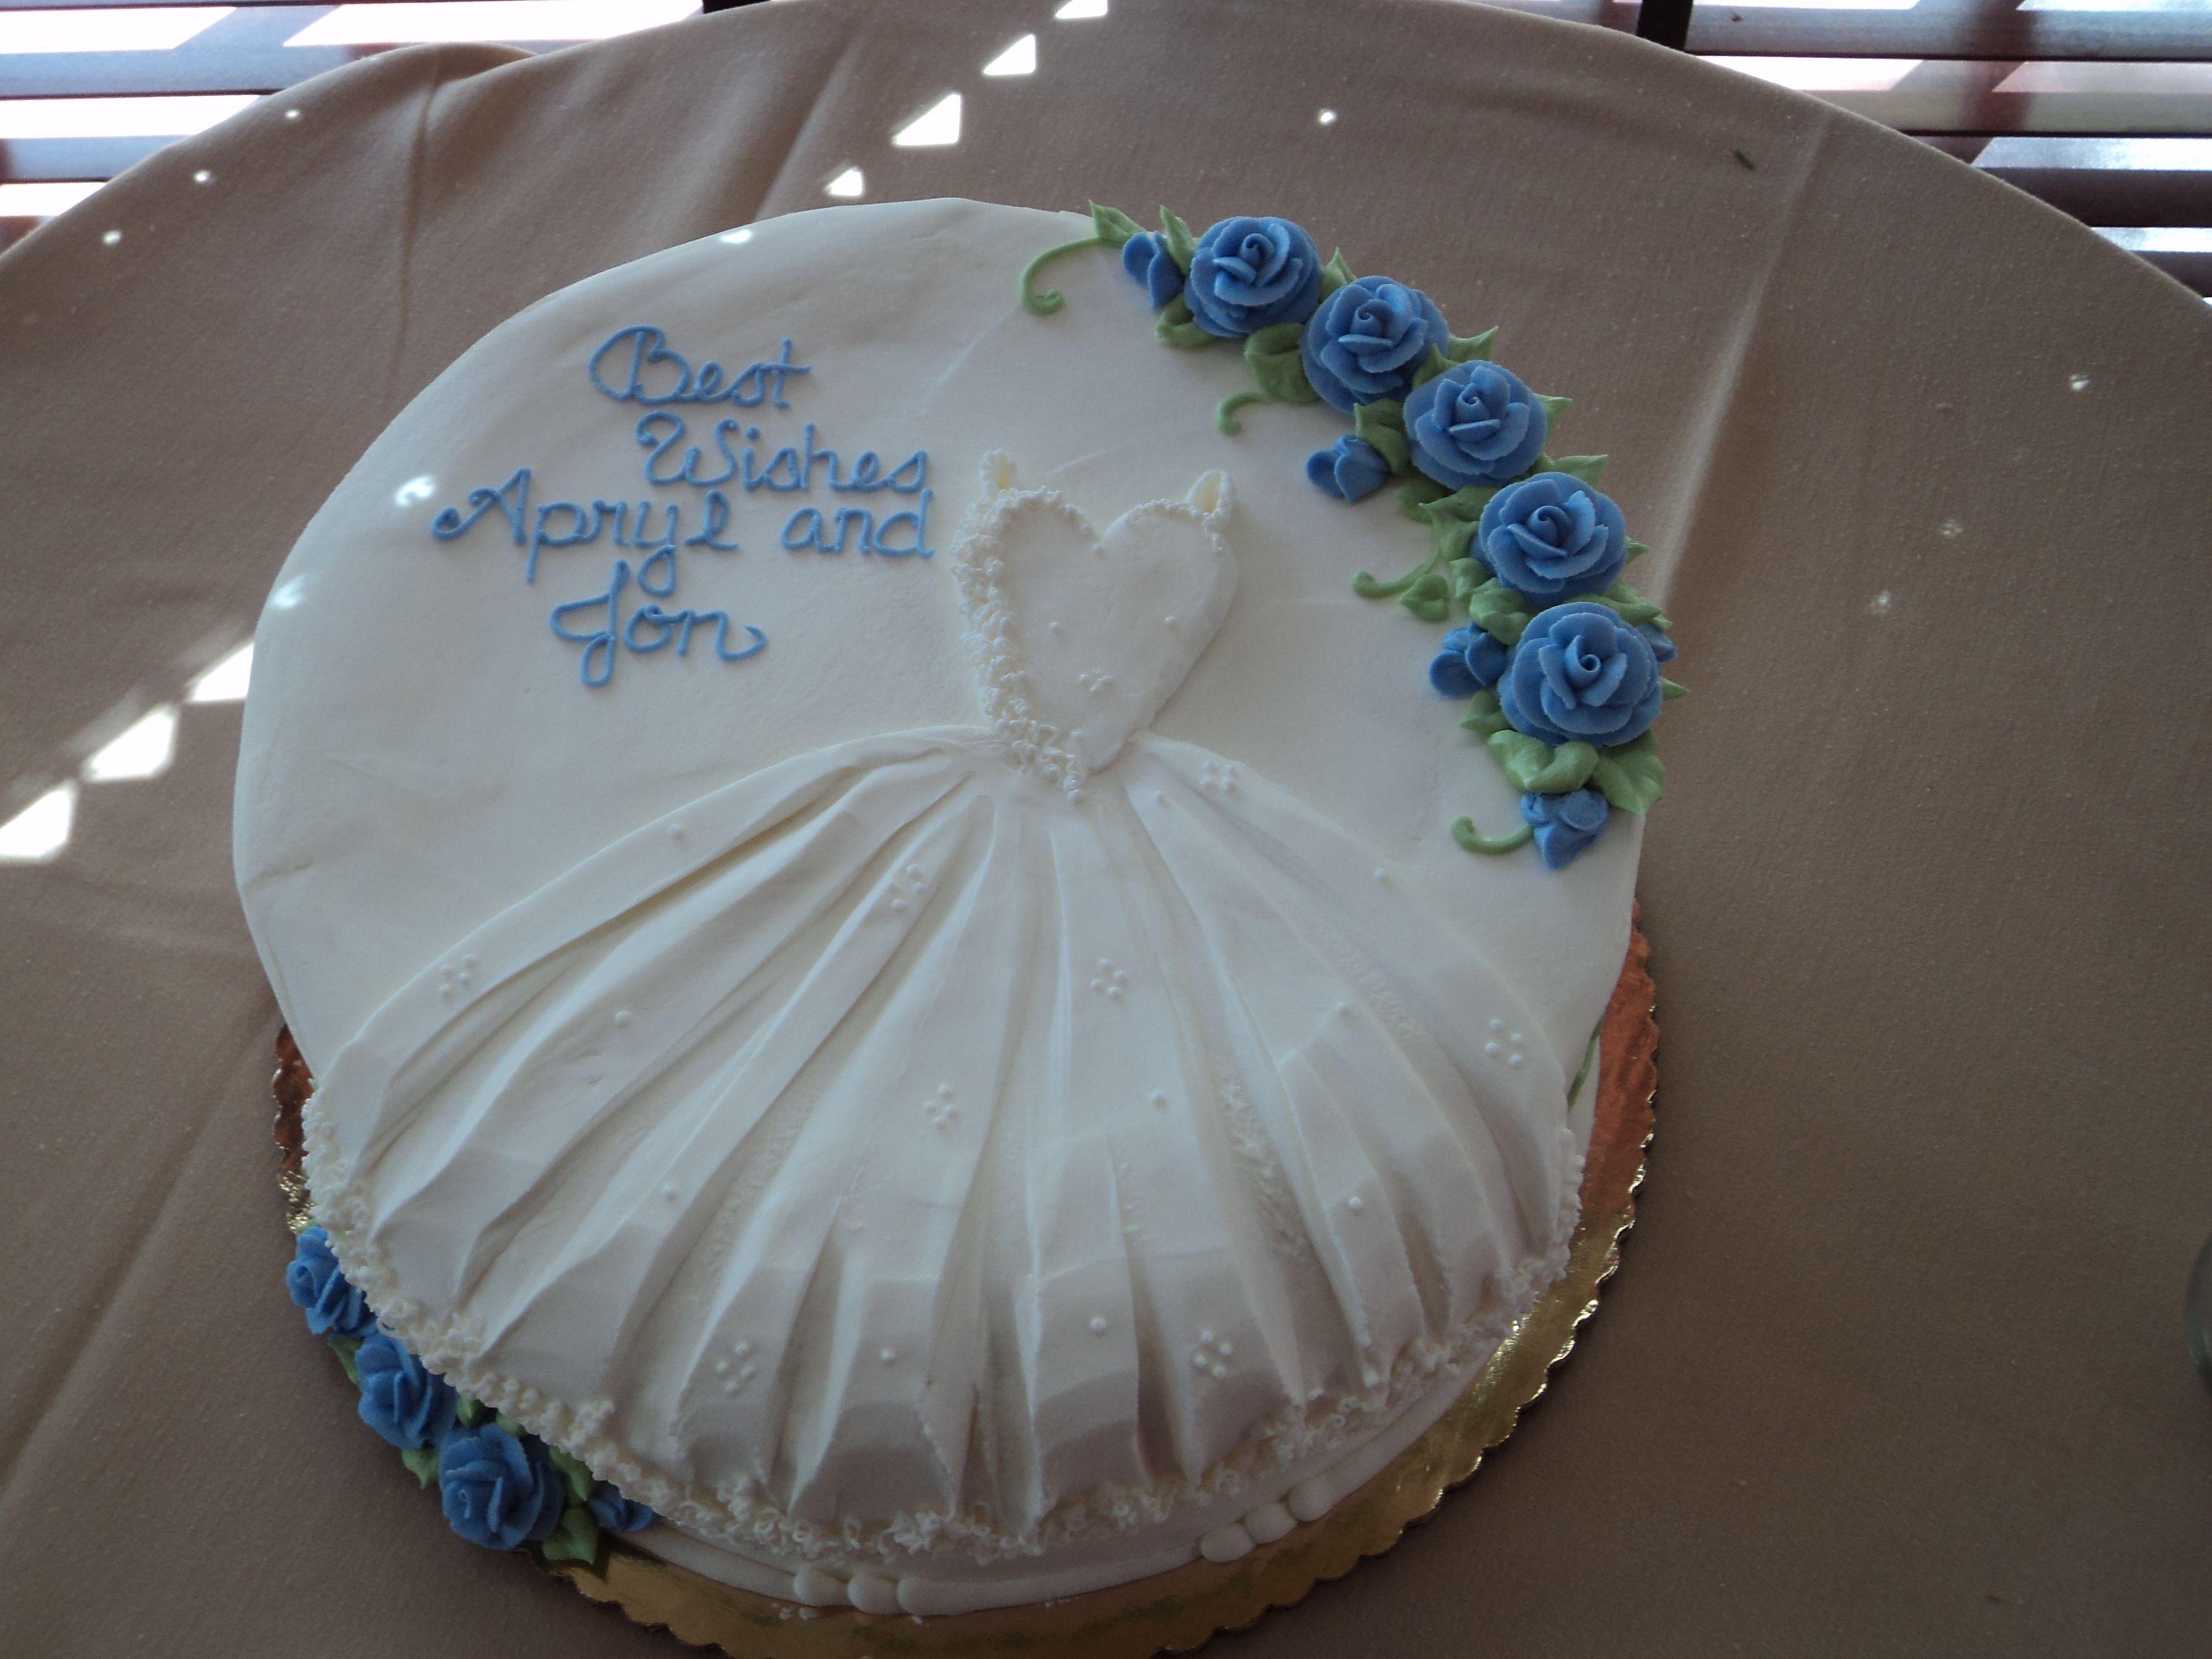 wedding shower cake cake ideas pinterest. Black Bedroom Furniture Sets. Home Design Ideas